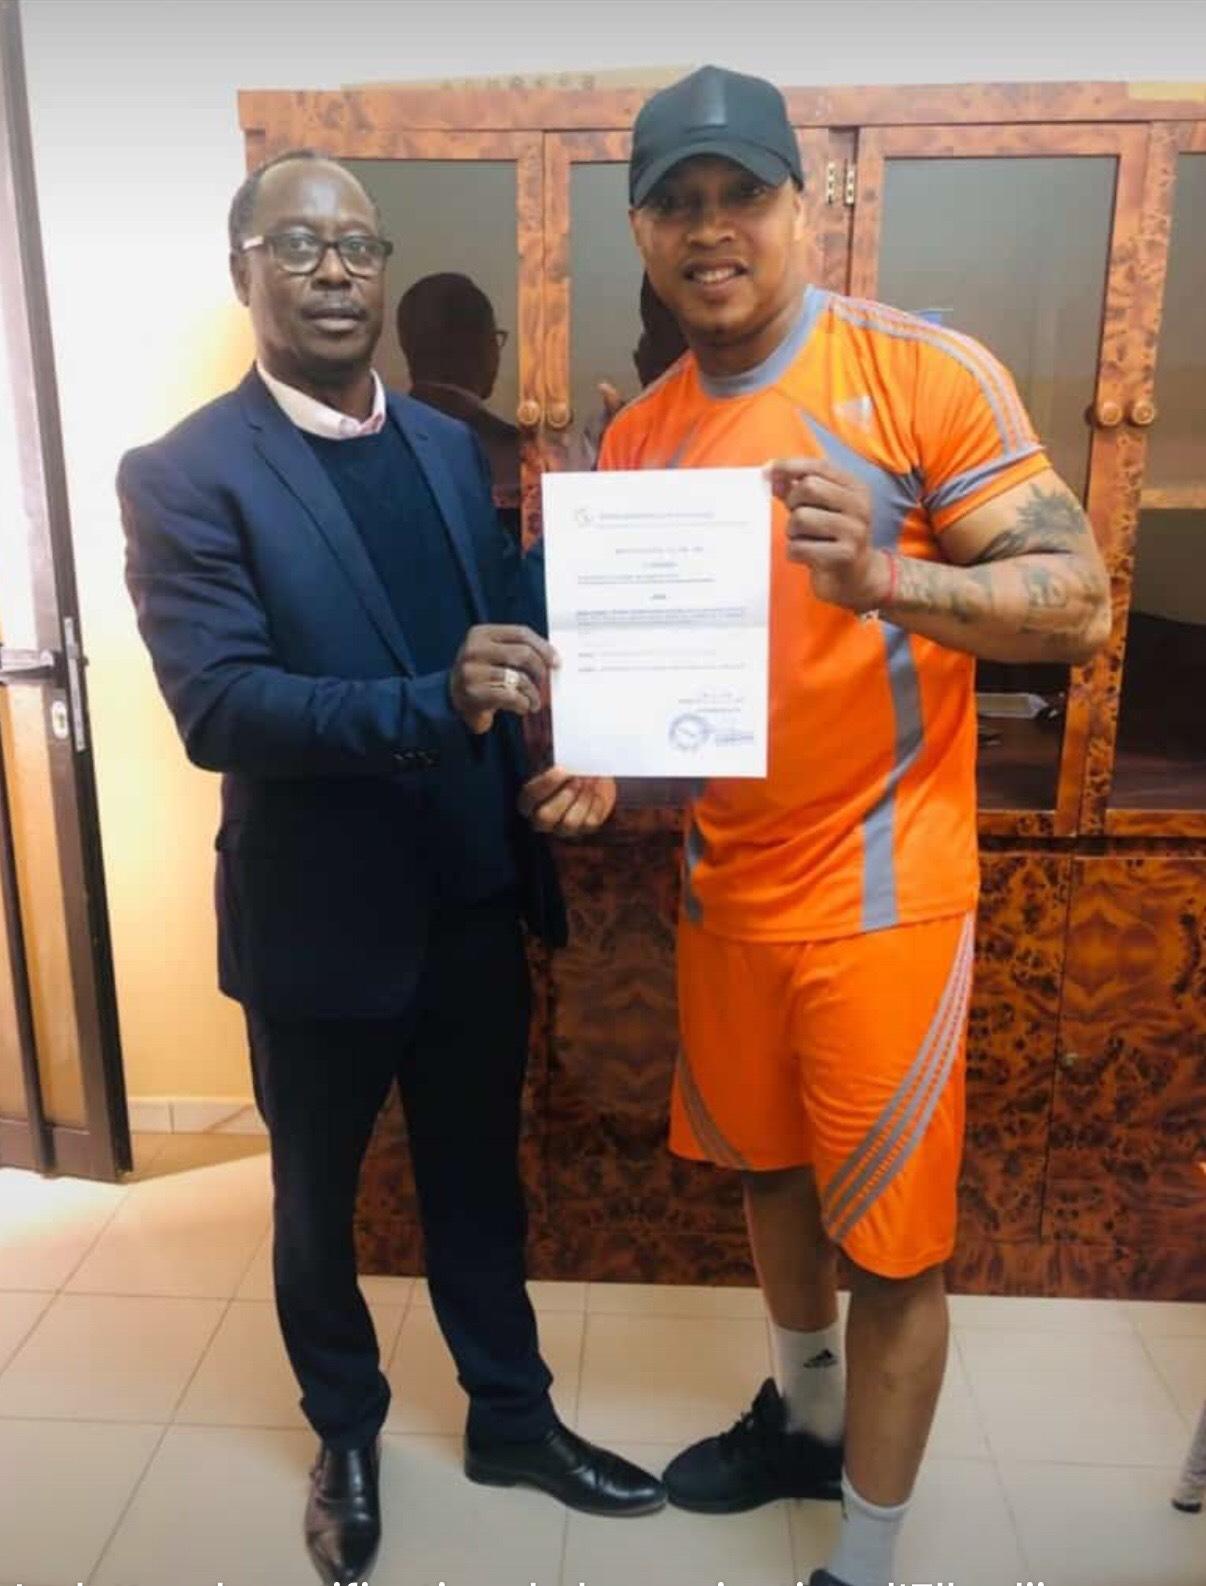 diouf conseiller1 - Senenews - Actualité au Sénégal, Politique, Économie, Sport